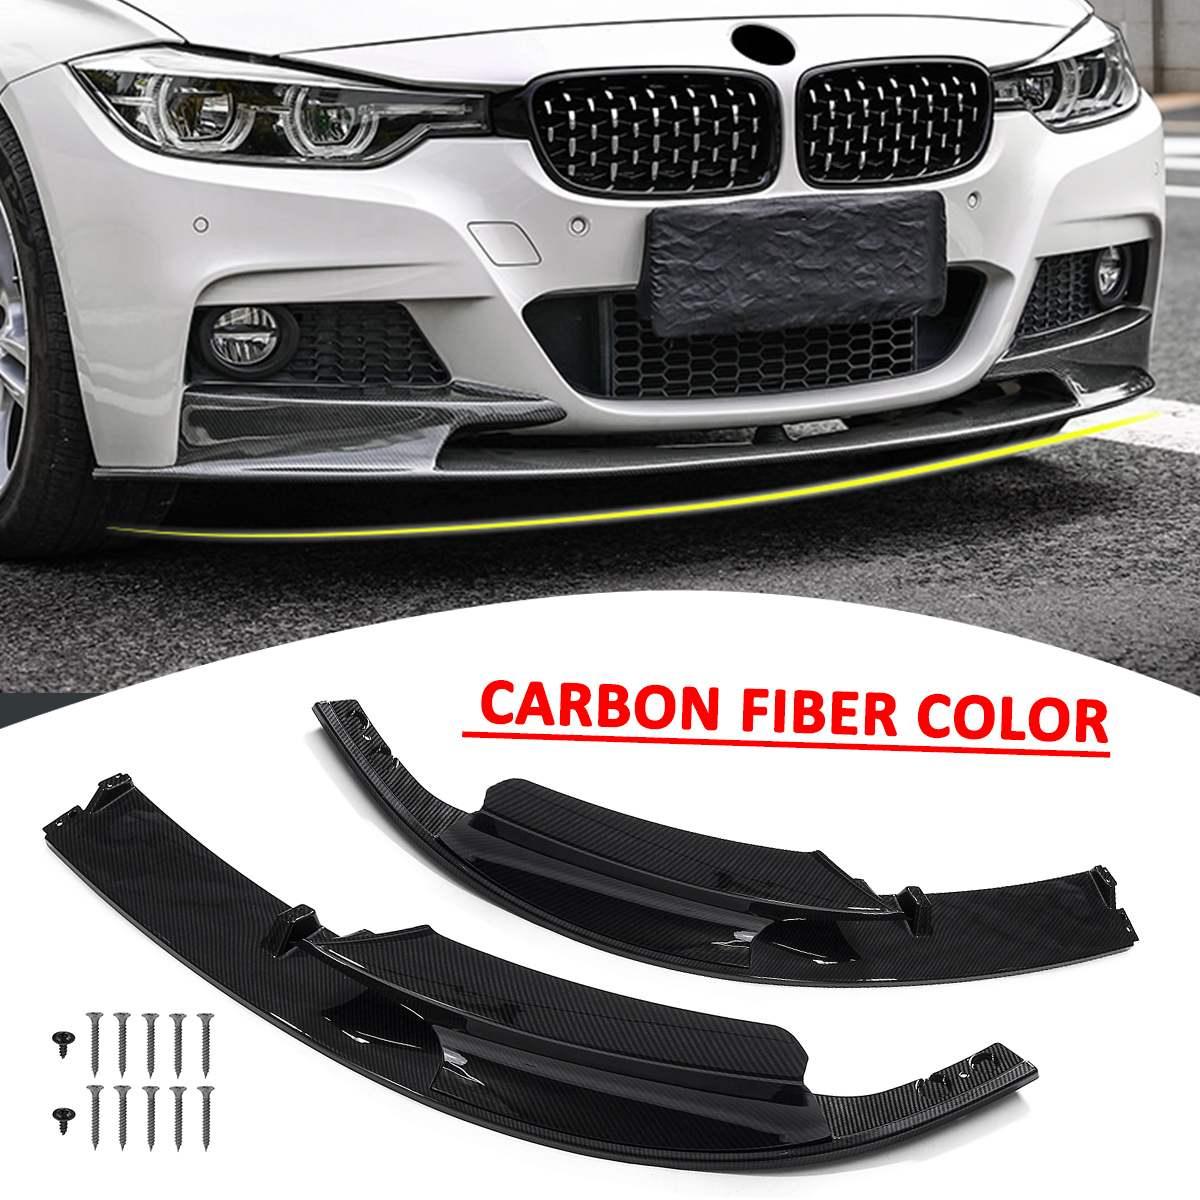 3 цвета передний бампер крышка Губы передний бампер поверхность только для BMW F30 3 серии M Стиль 2012 2018 спортивная версия - 5